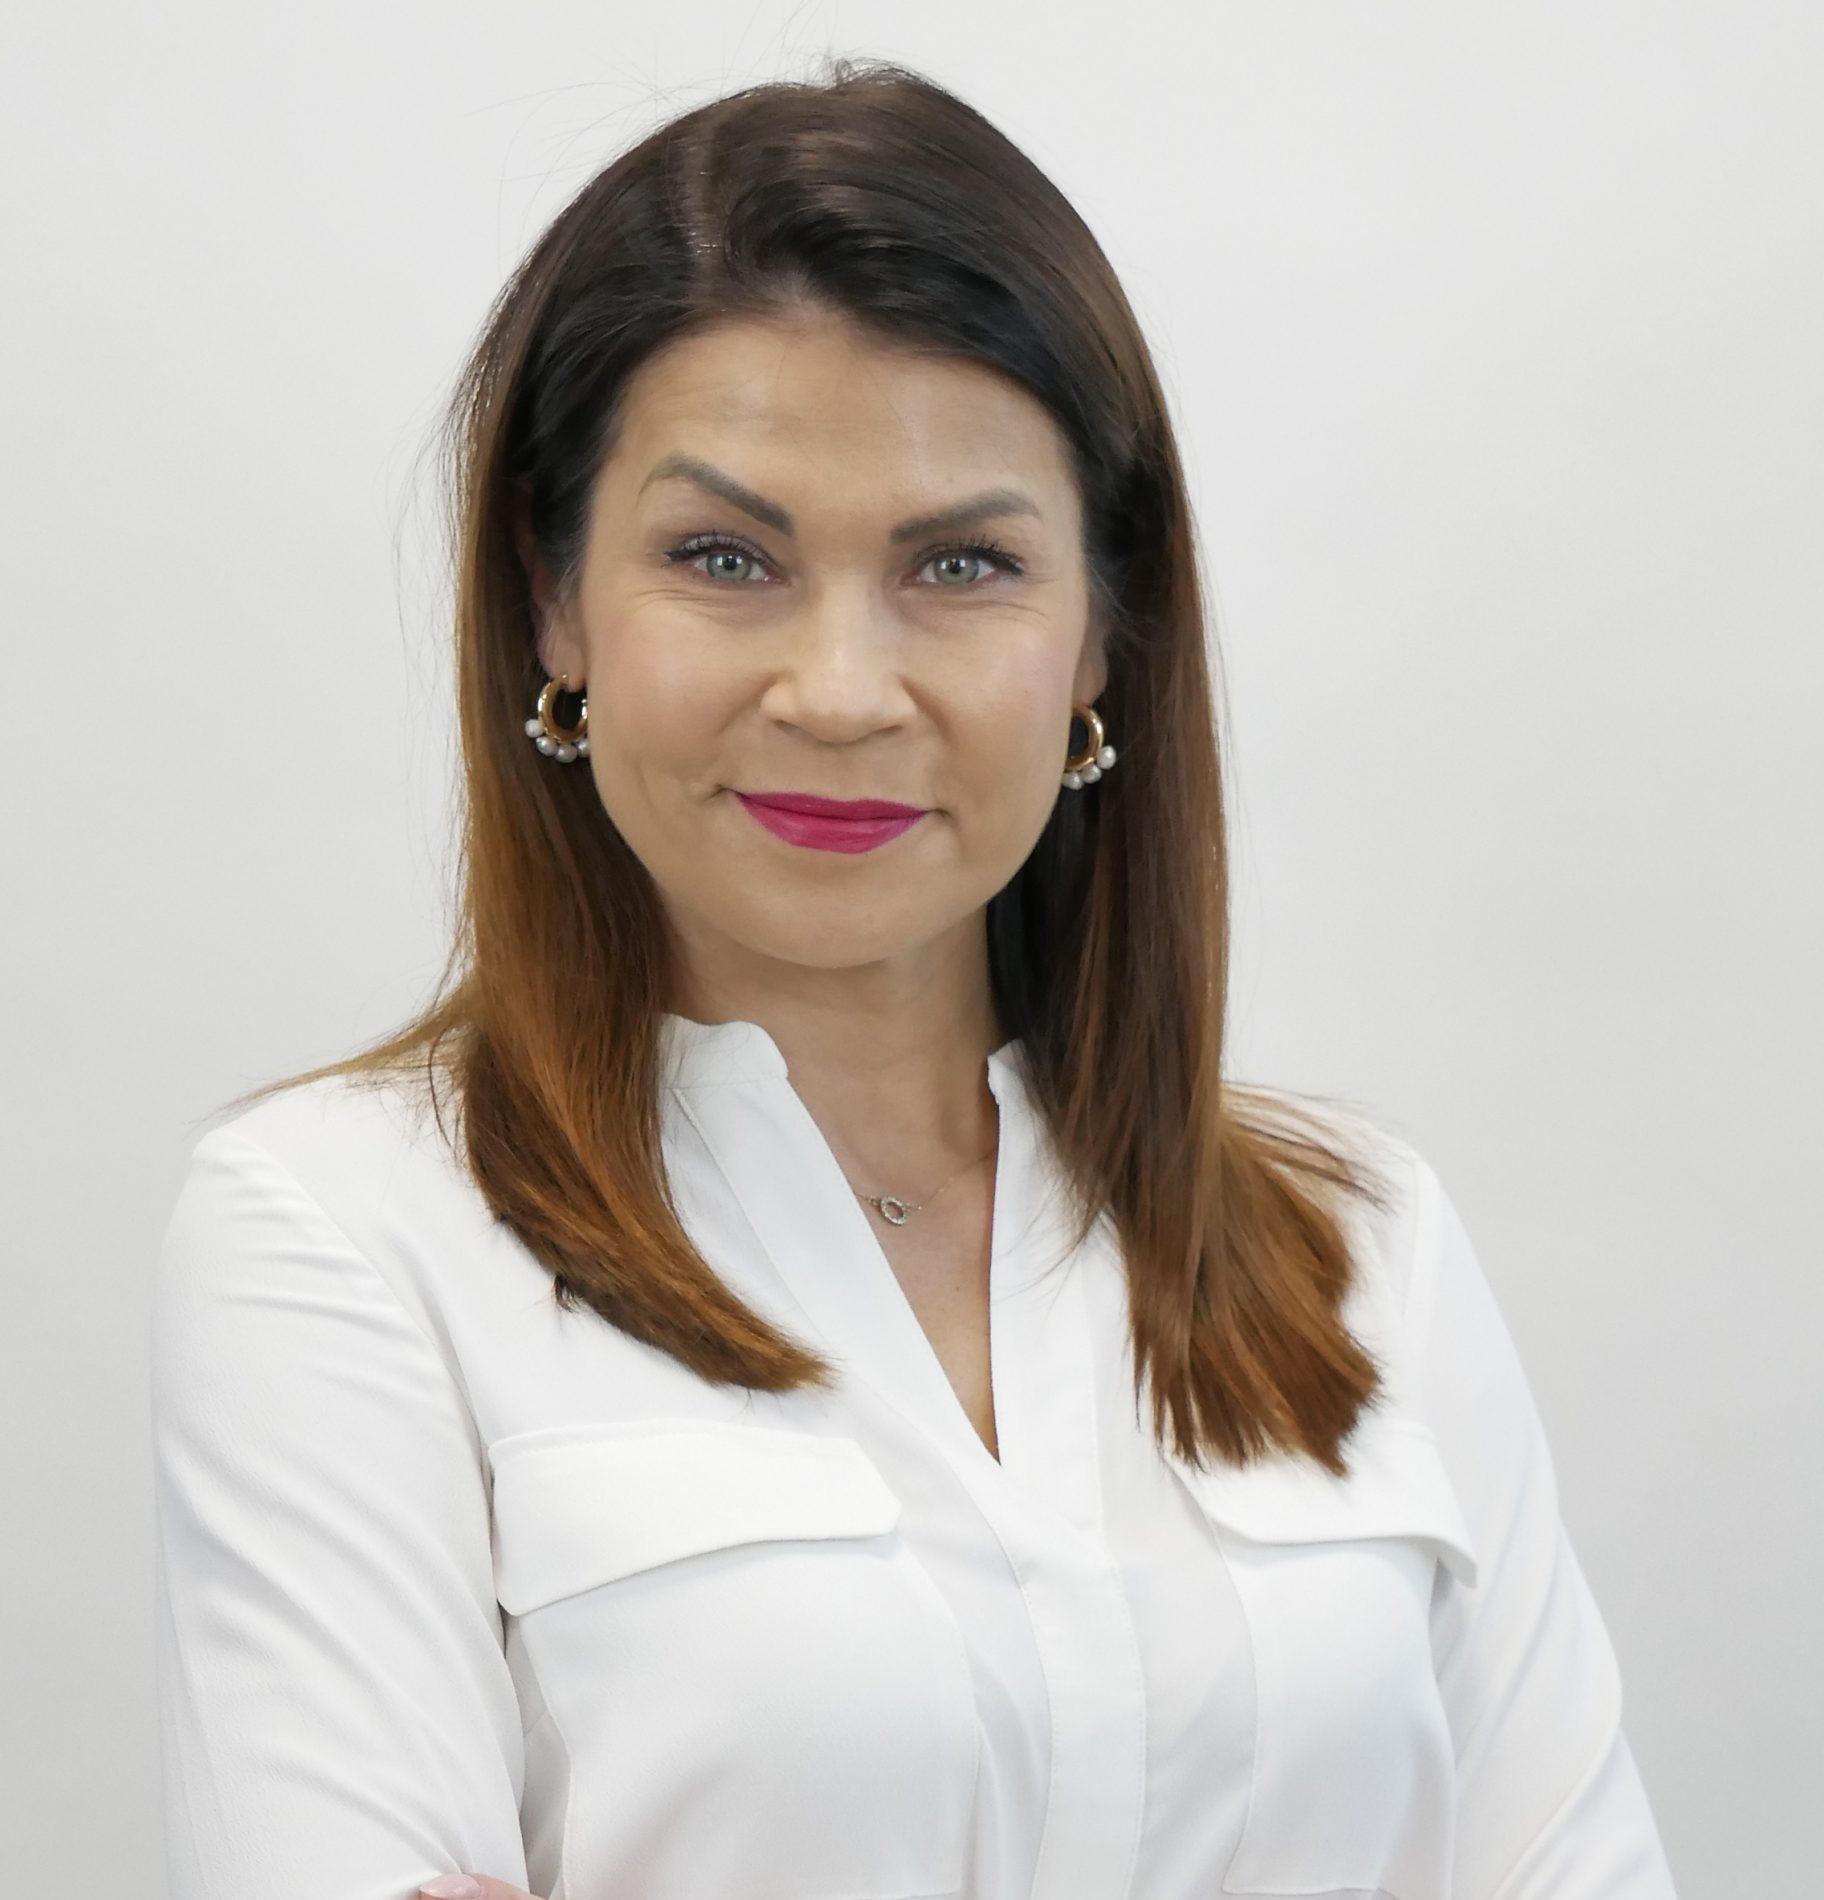 Ewa Klemens